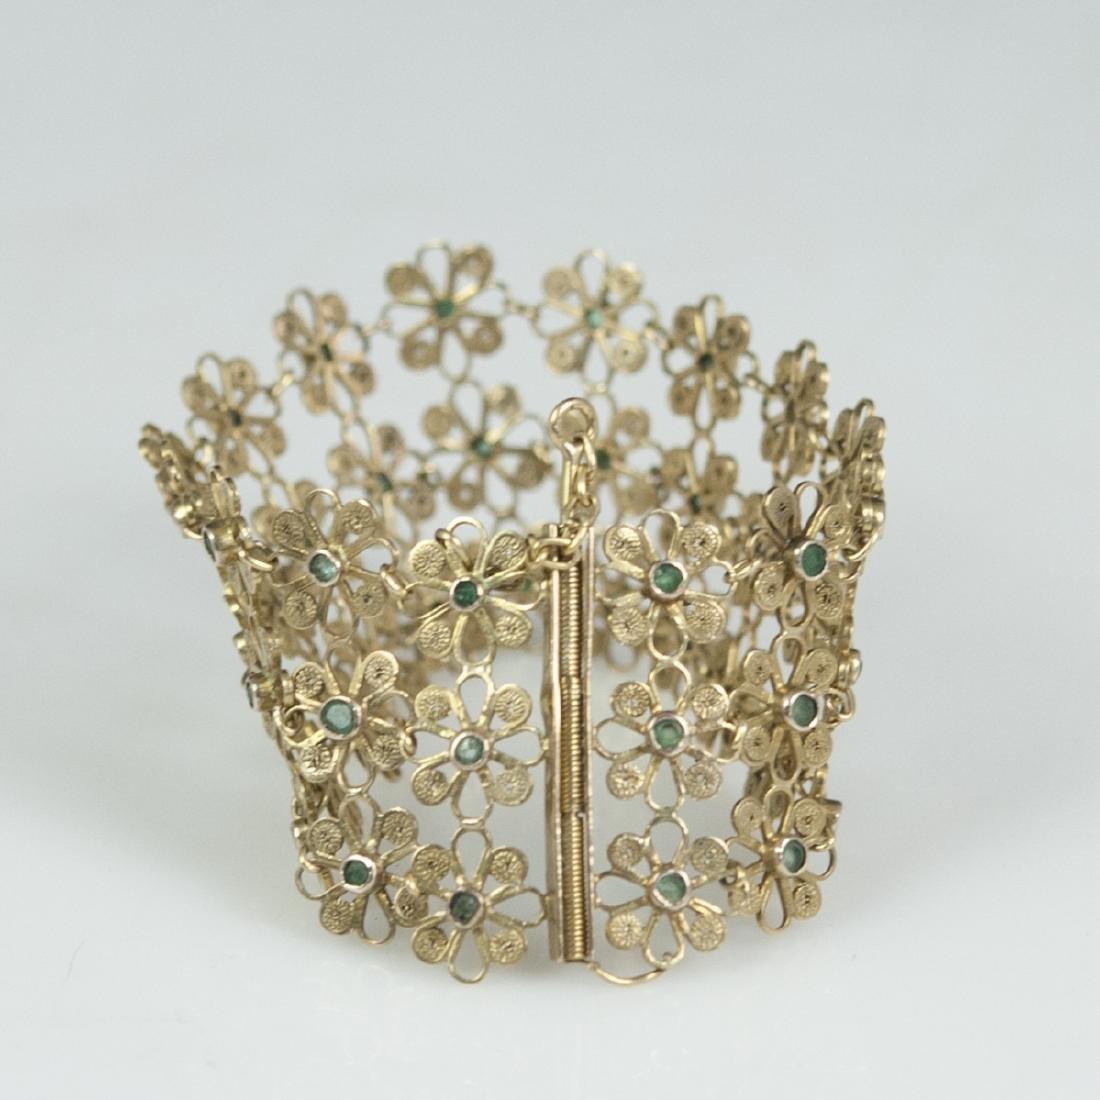 Vintage 14kt Gold & Emerald Bracelet